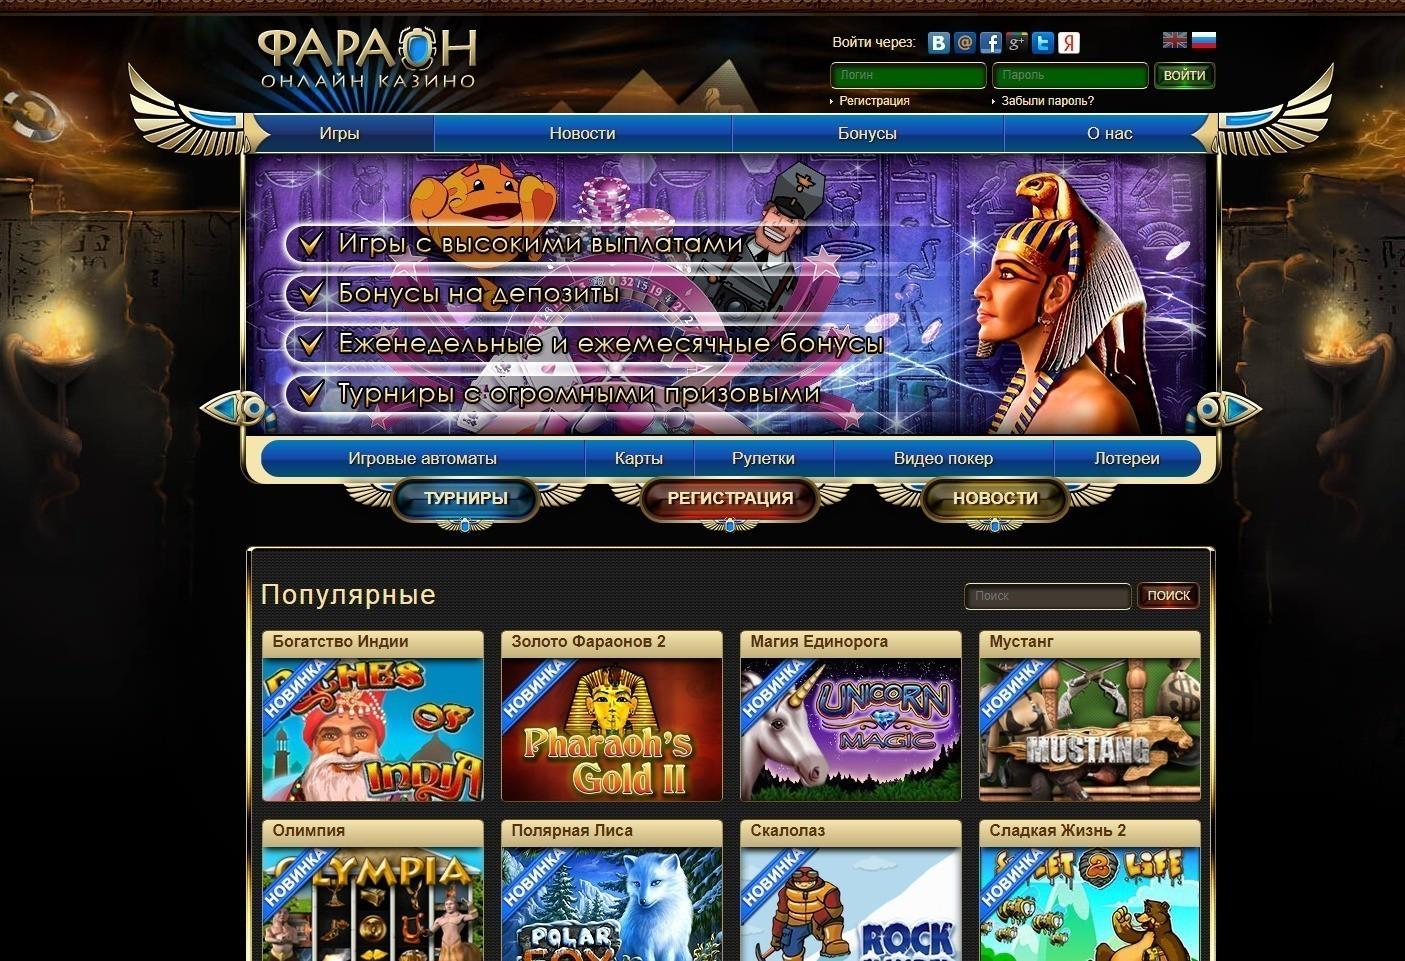 фото 32 казино фараон play